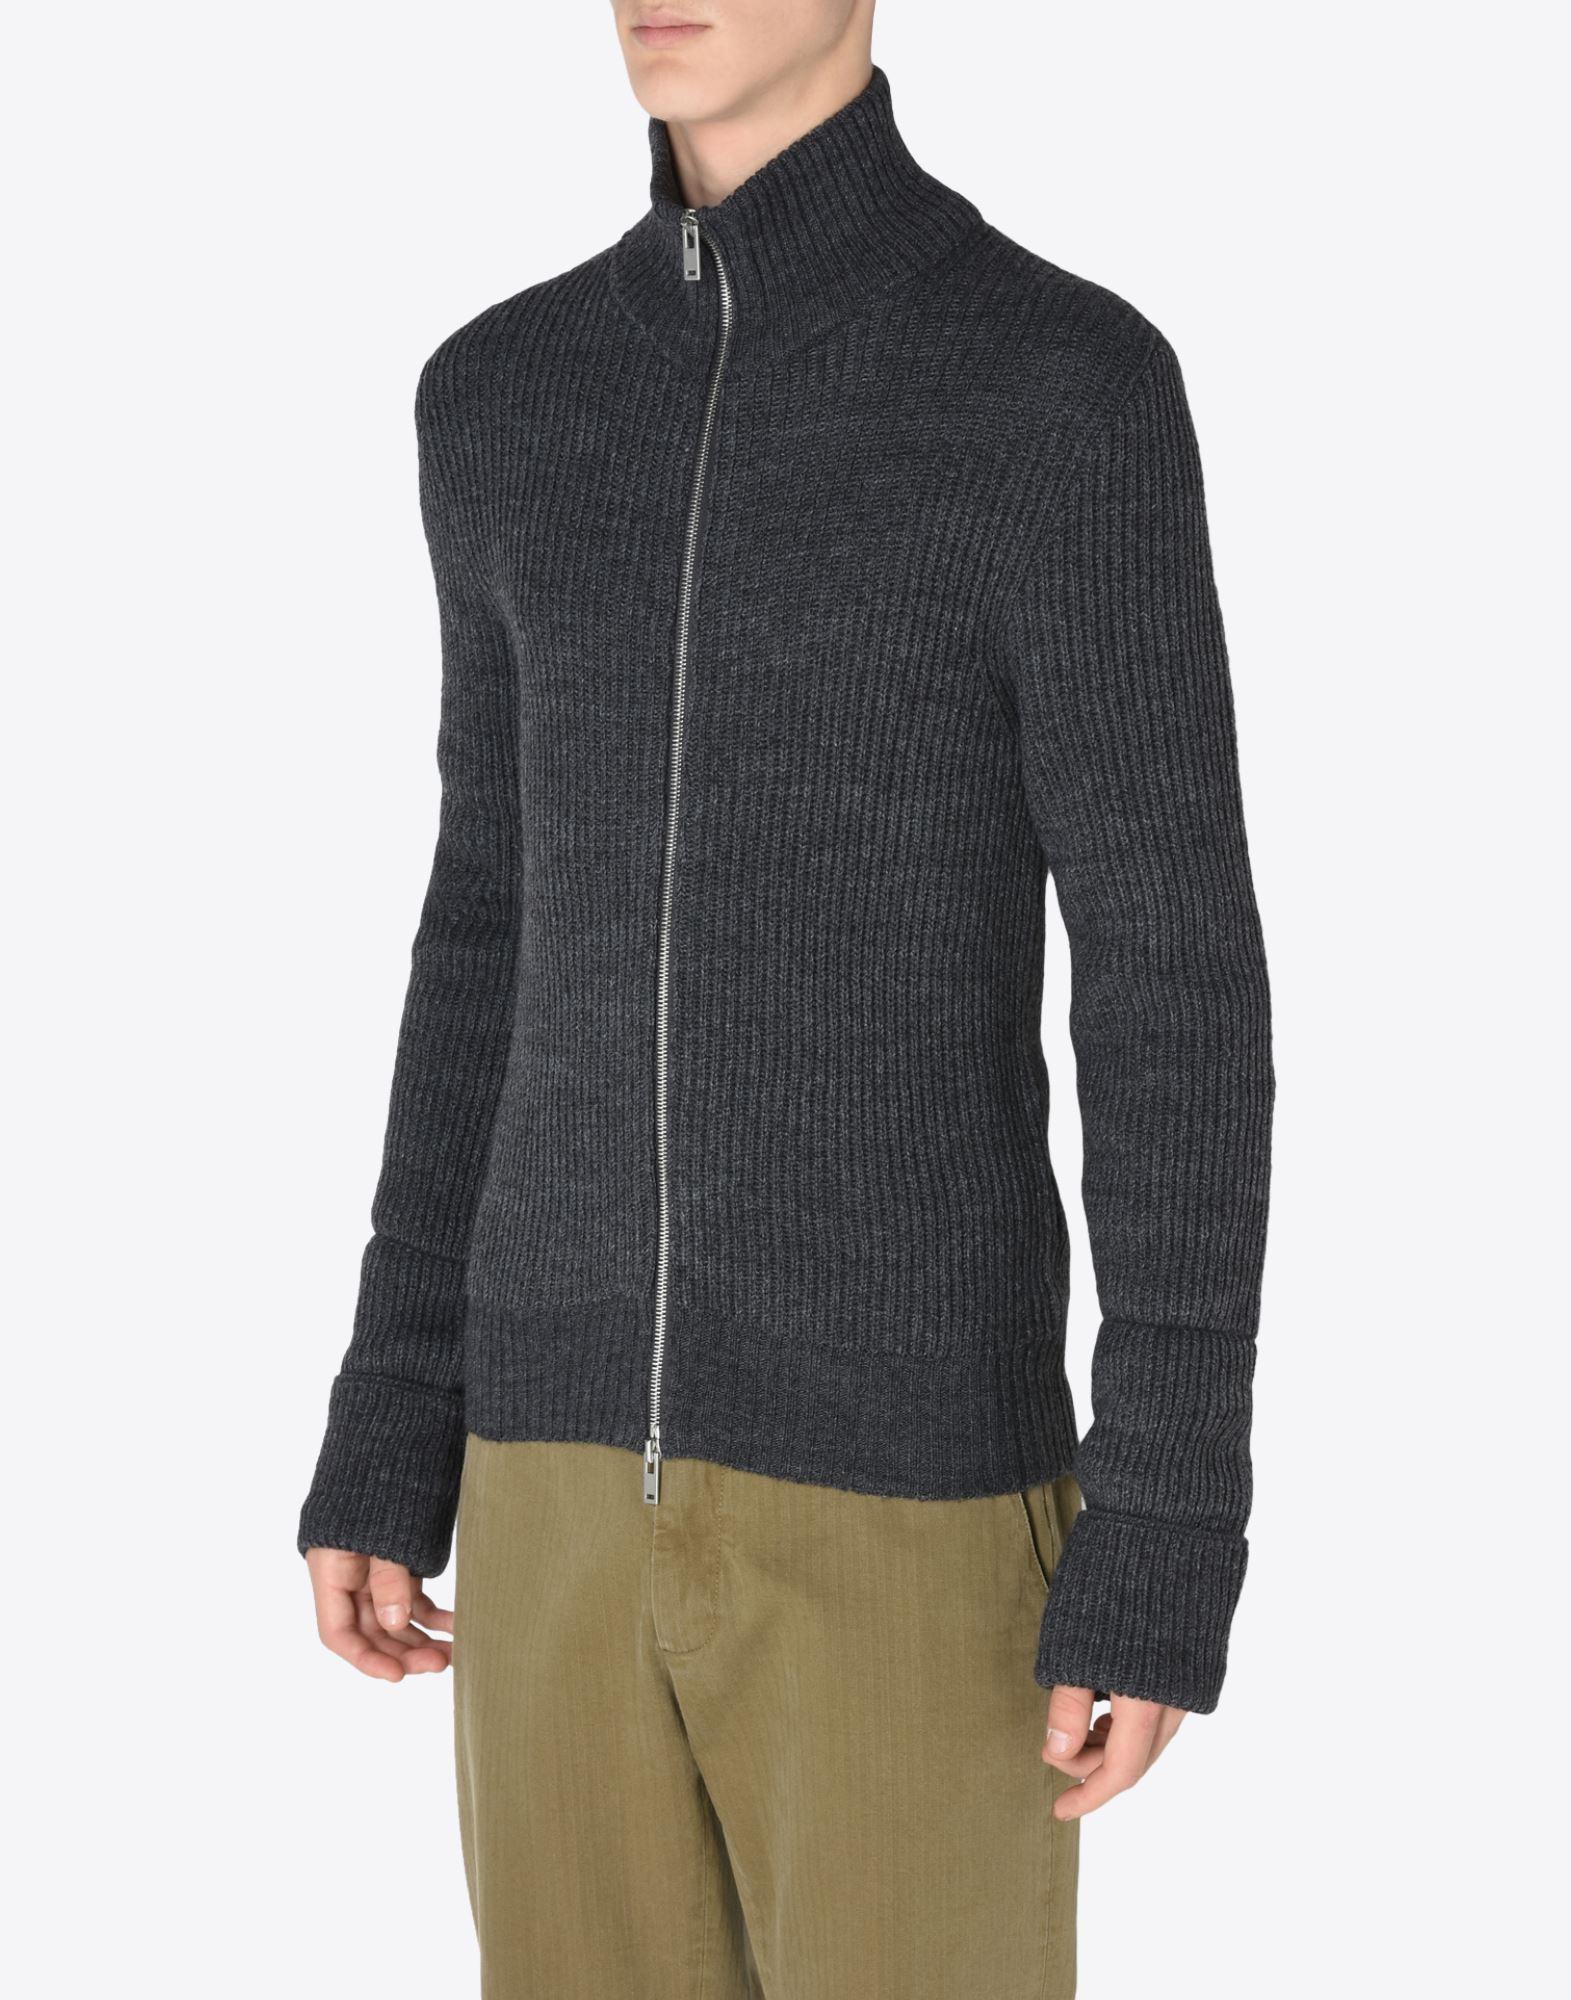 MAISON MARGIELA 14 Sweater mit Reißverschluss Pullover mit Rollkragen Herren r